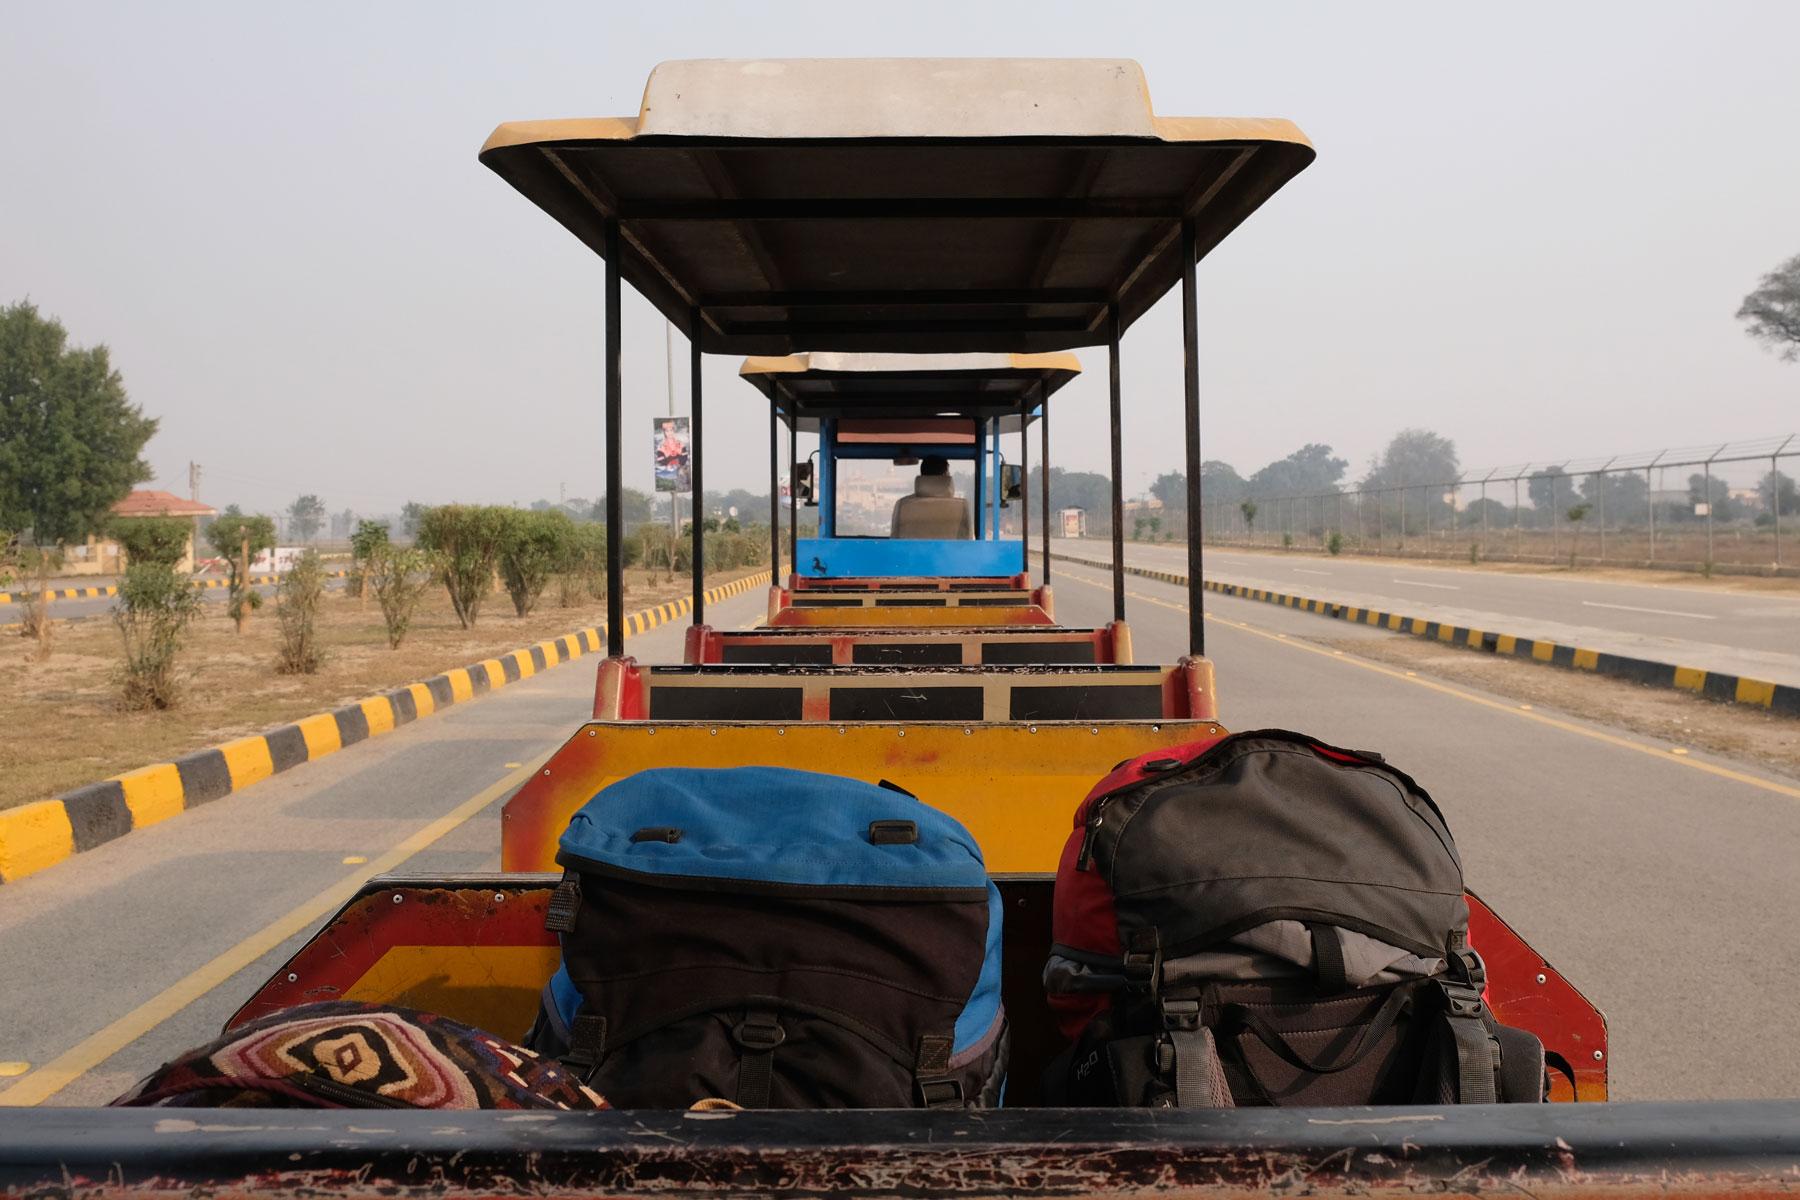 Am darauffolgenden Tag fahren wir zum dritten Mal zur Wagah Boarder, dieses Mal möchten wir nach Indien einreisen. Ein kleiner Zug bring uns und unser Gepäck zur Grenze – ungewöhnlich, aber nett :-)